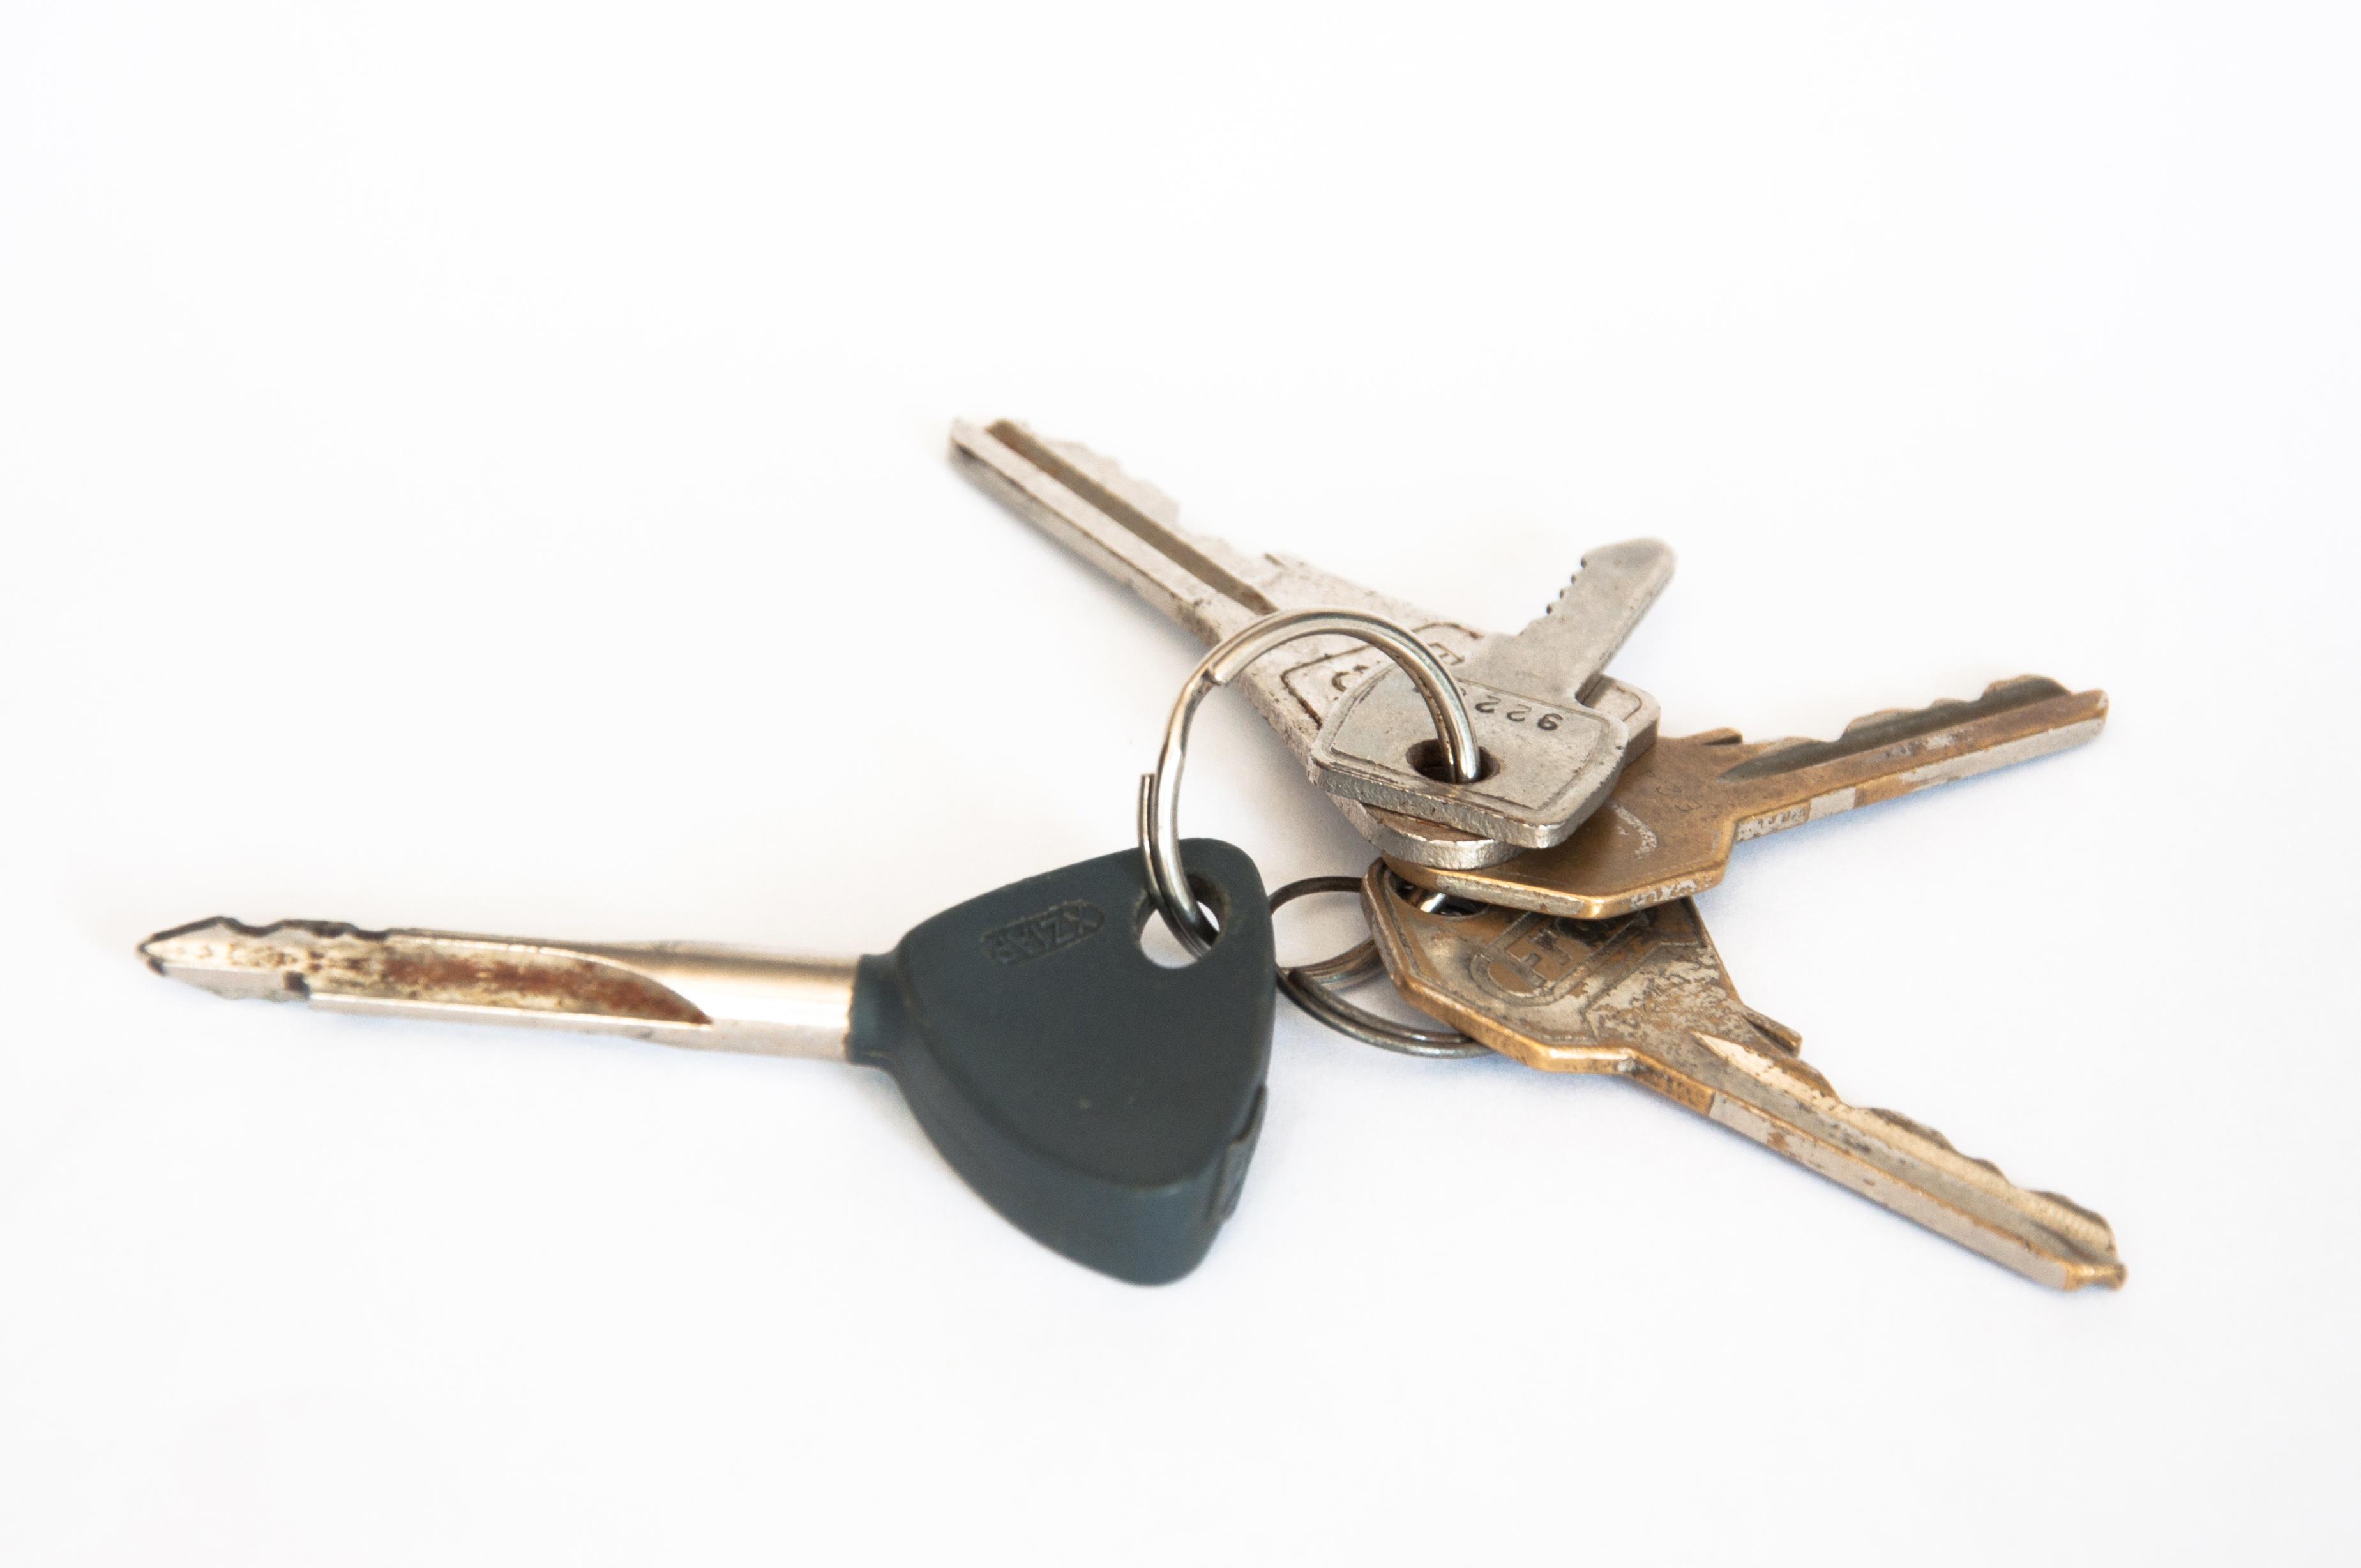 Keys, Bundle, Car, Door, Isolated, HQ Photo